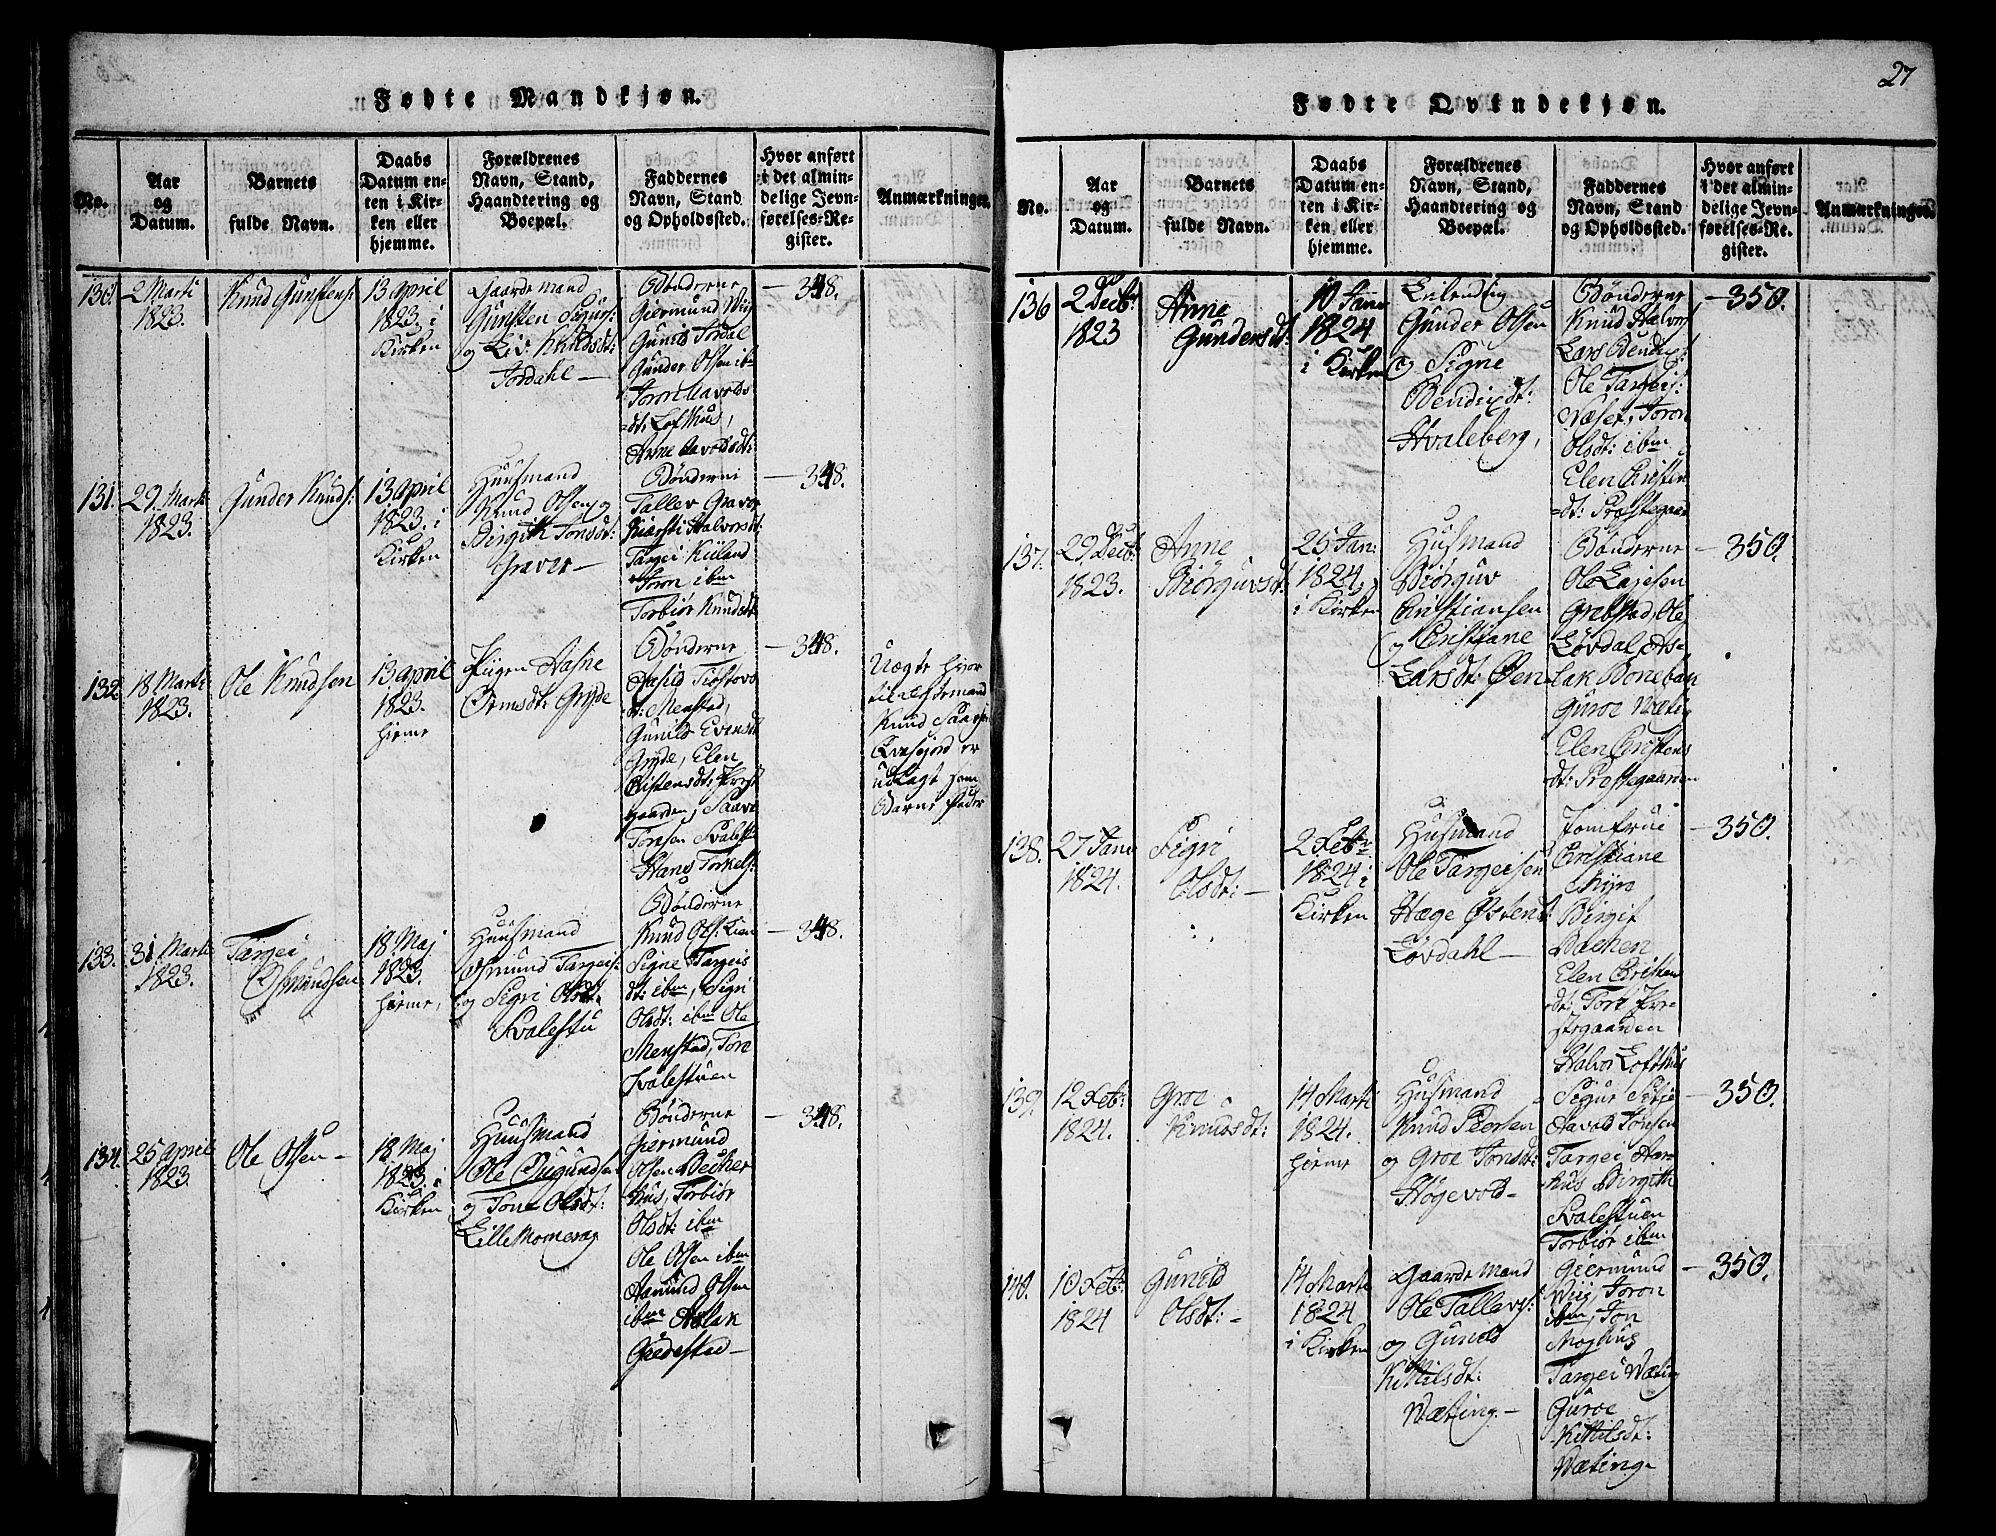 SAKO, Fyresdal kirkebøker, G/Ga/L0001: Klokkerbok nr. I 1, 1816-1840, s. 27